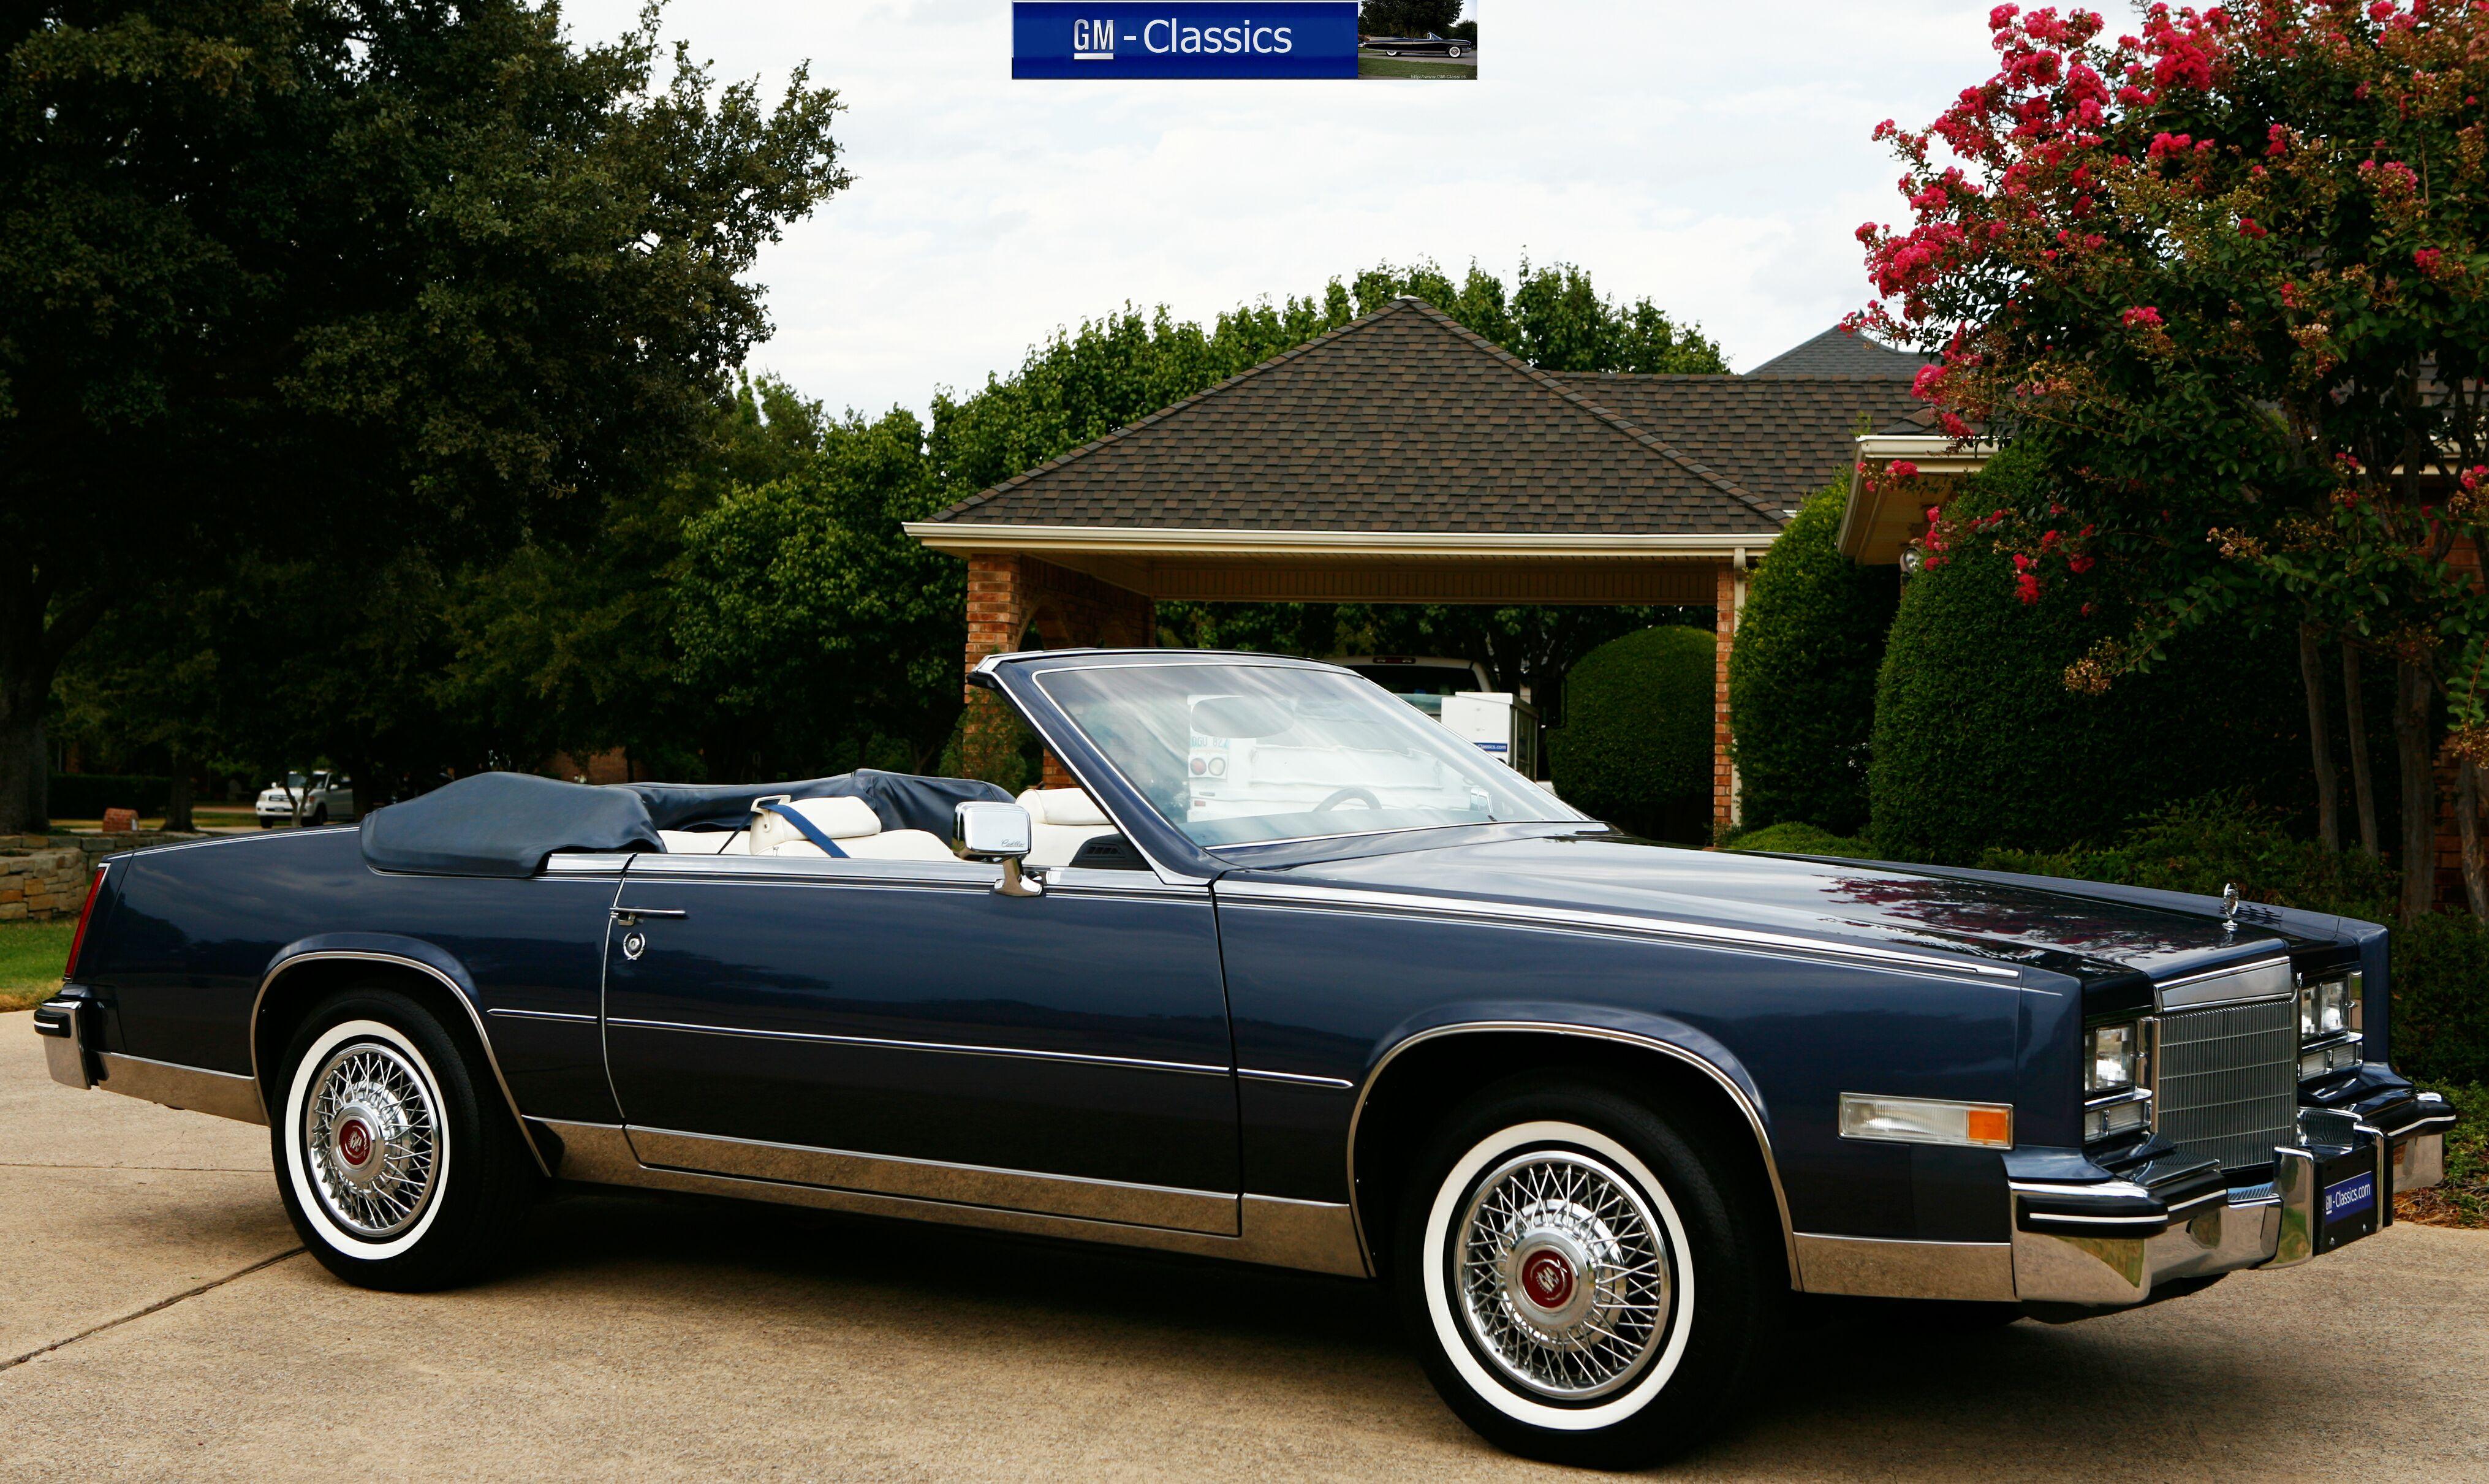 1985 Eldorado Biarritz >> Matt Garrett 1984 Cadillac Eldorado Biarritz Convertible | Autos Post